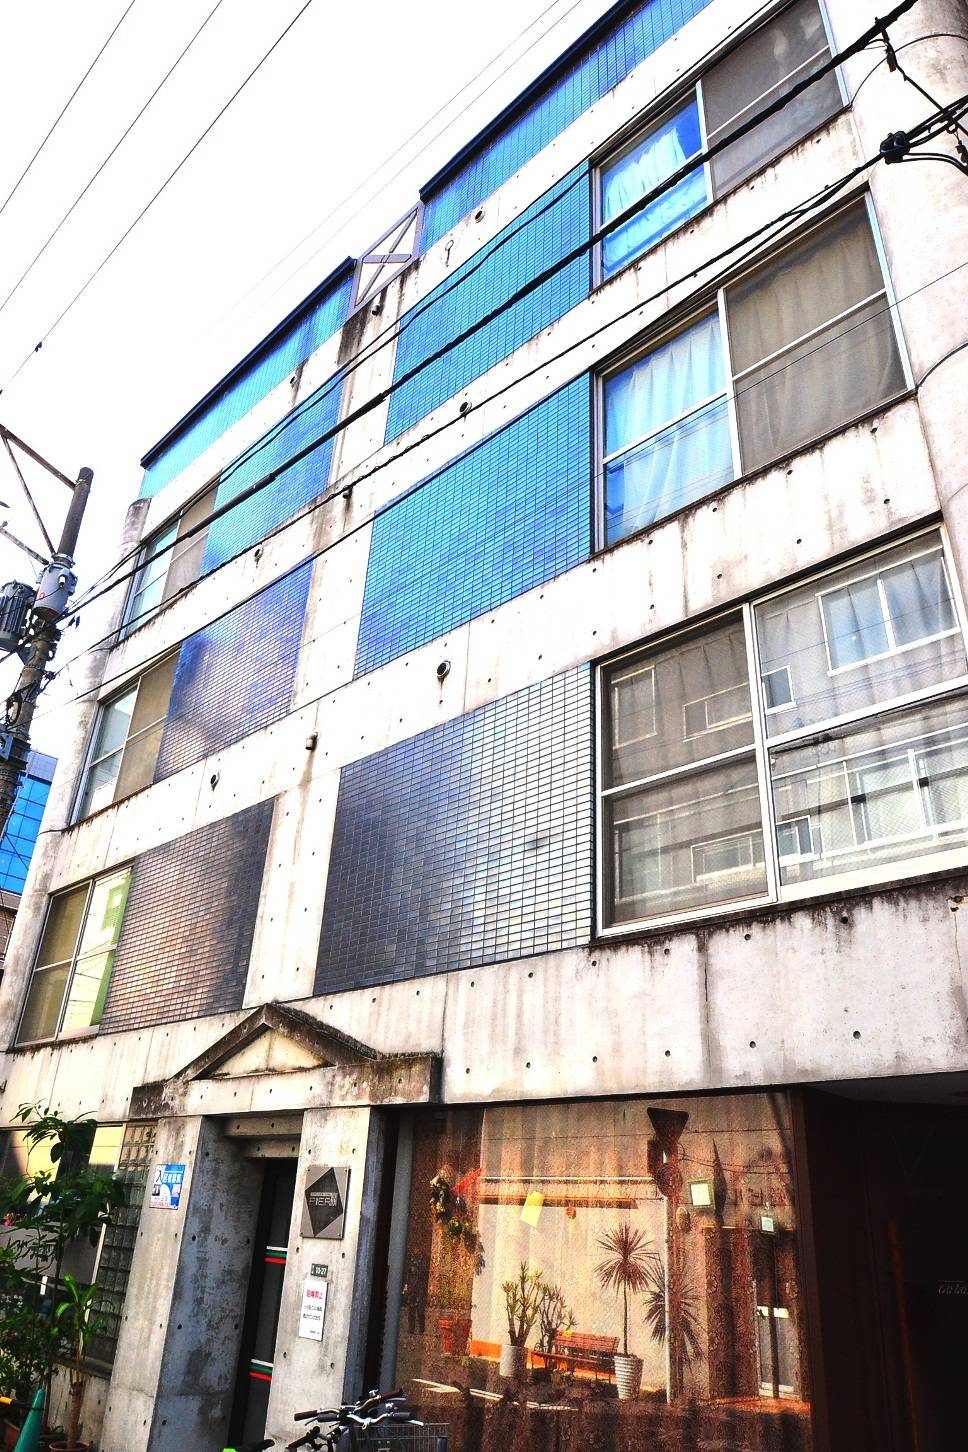 お洒落な外観(^^♪広島の中心地にあるので交通の便も非常に良く、周辺にはコンビニ・飲食店・コインランドリー等、生活される際に助かるお店が多数あり、とても便利な立地です。